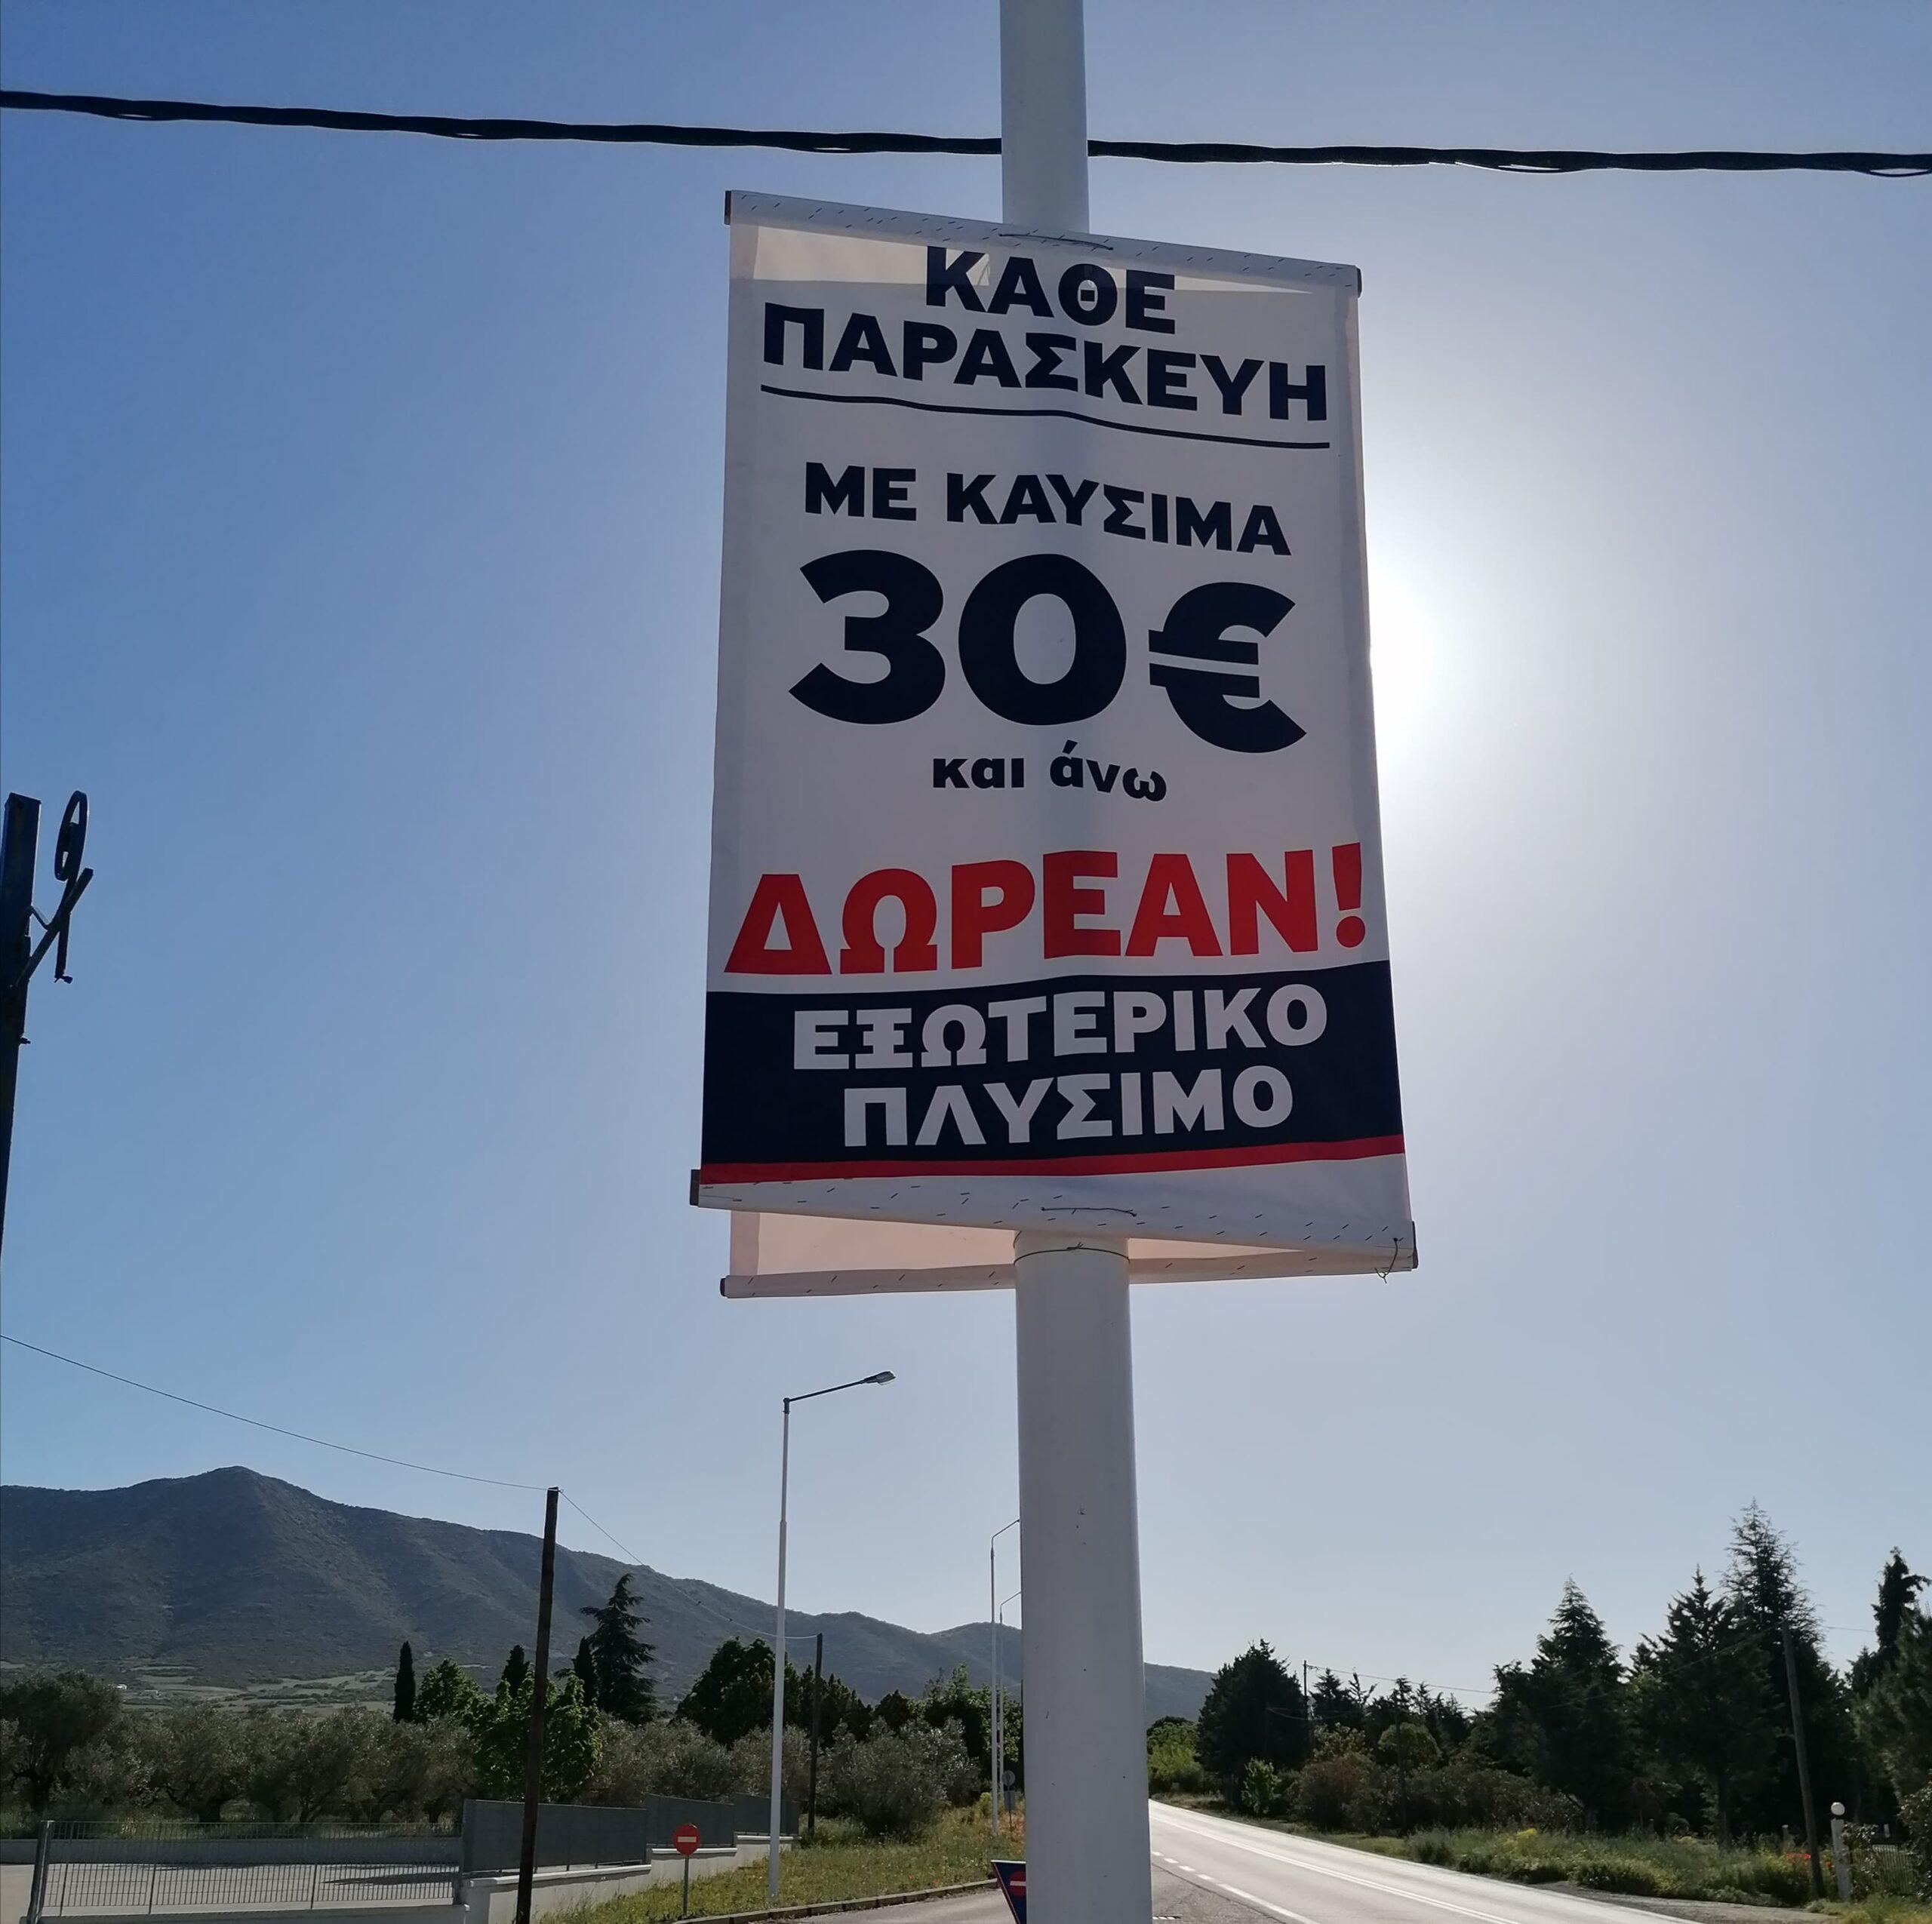 ΠΡΑΤΗΡΙΟ ΥΓΡΩΝ ΚΑΥΣΙΜΩΝ ΓΑΛΑΤΙΣΤΑ – AEGEAN GAS STATION GALATISTA